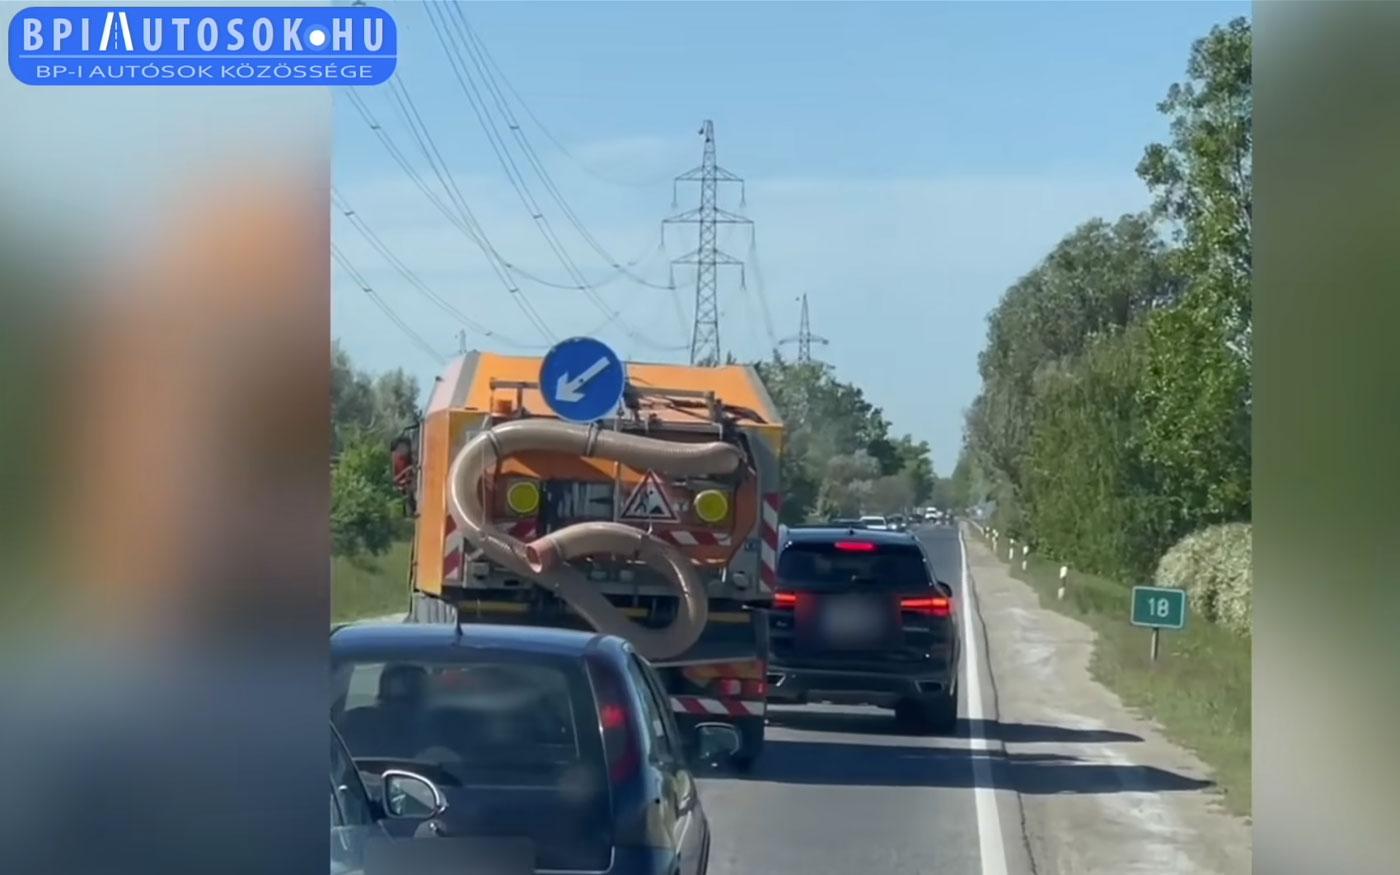 BMW-s blokkolta az 51-es forgalmát Dunaharasztinál